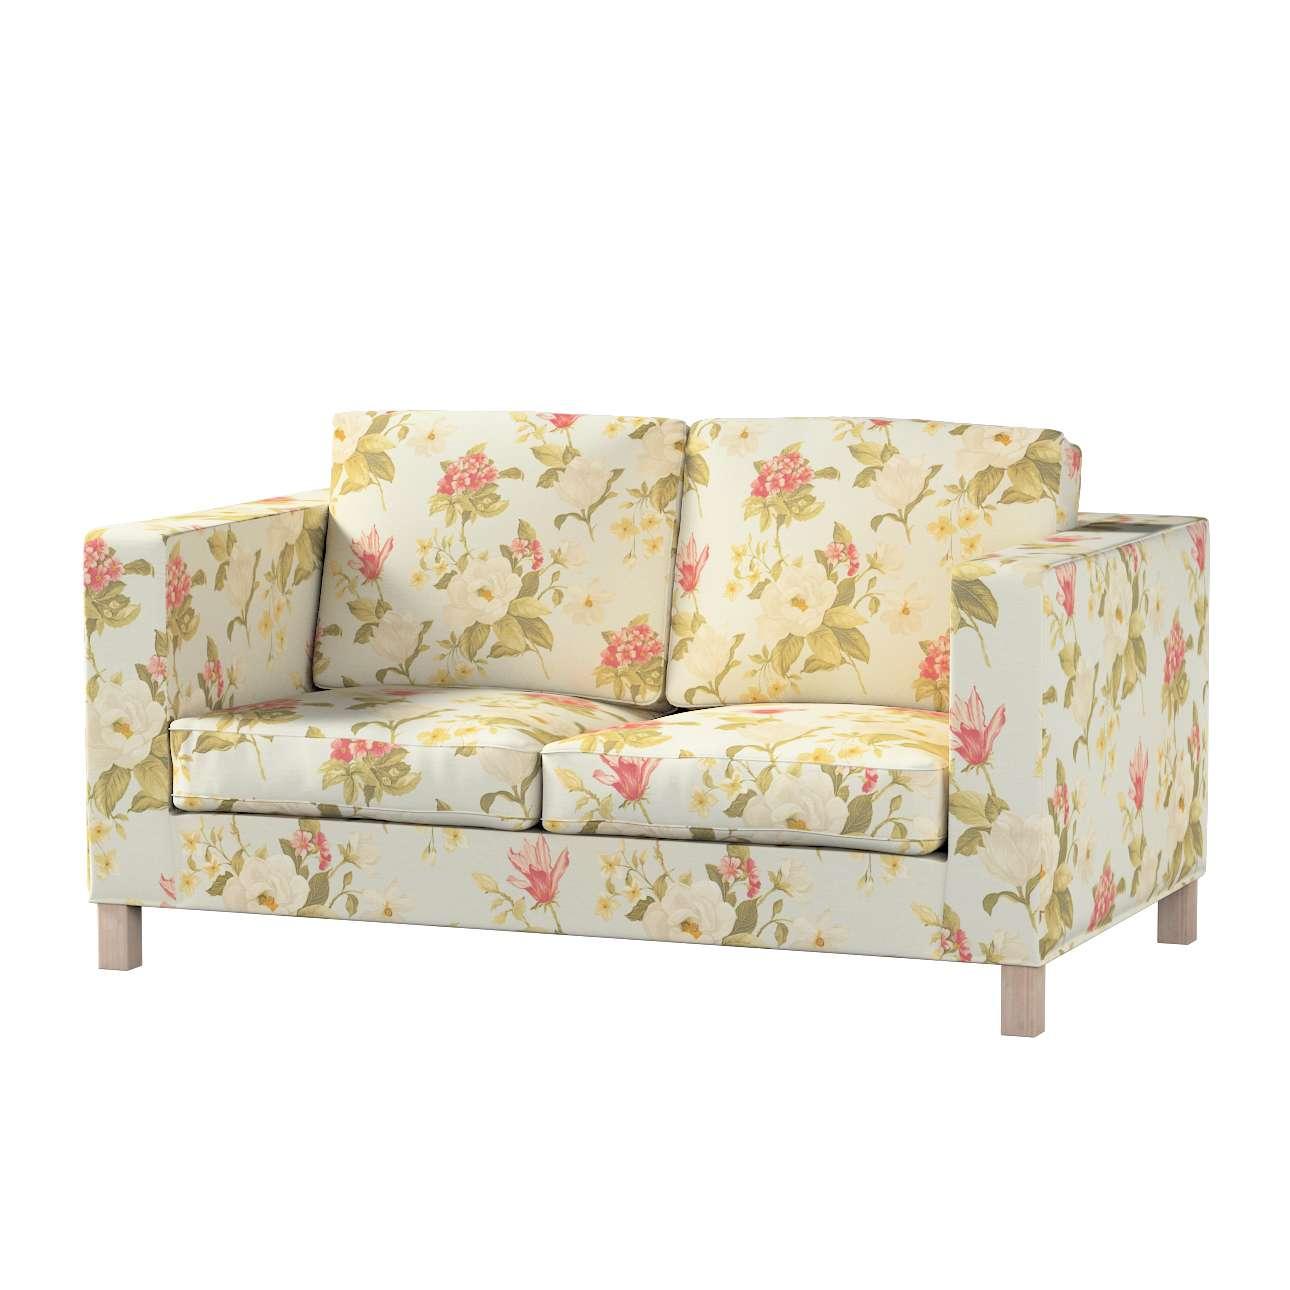 Pokrowiec na sofę Karlanda 2-osobową nierozkładaną, krótki Sofa Karlanda 2-os w kolekcji Londres, tkanina: 123-65